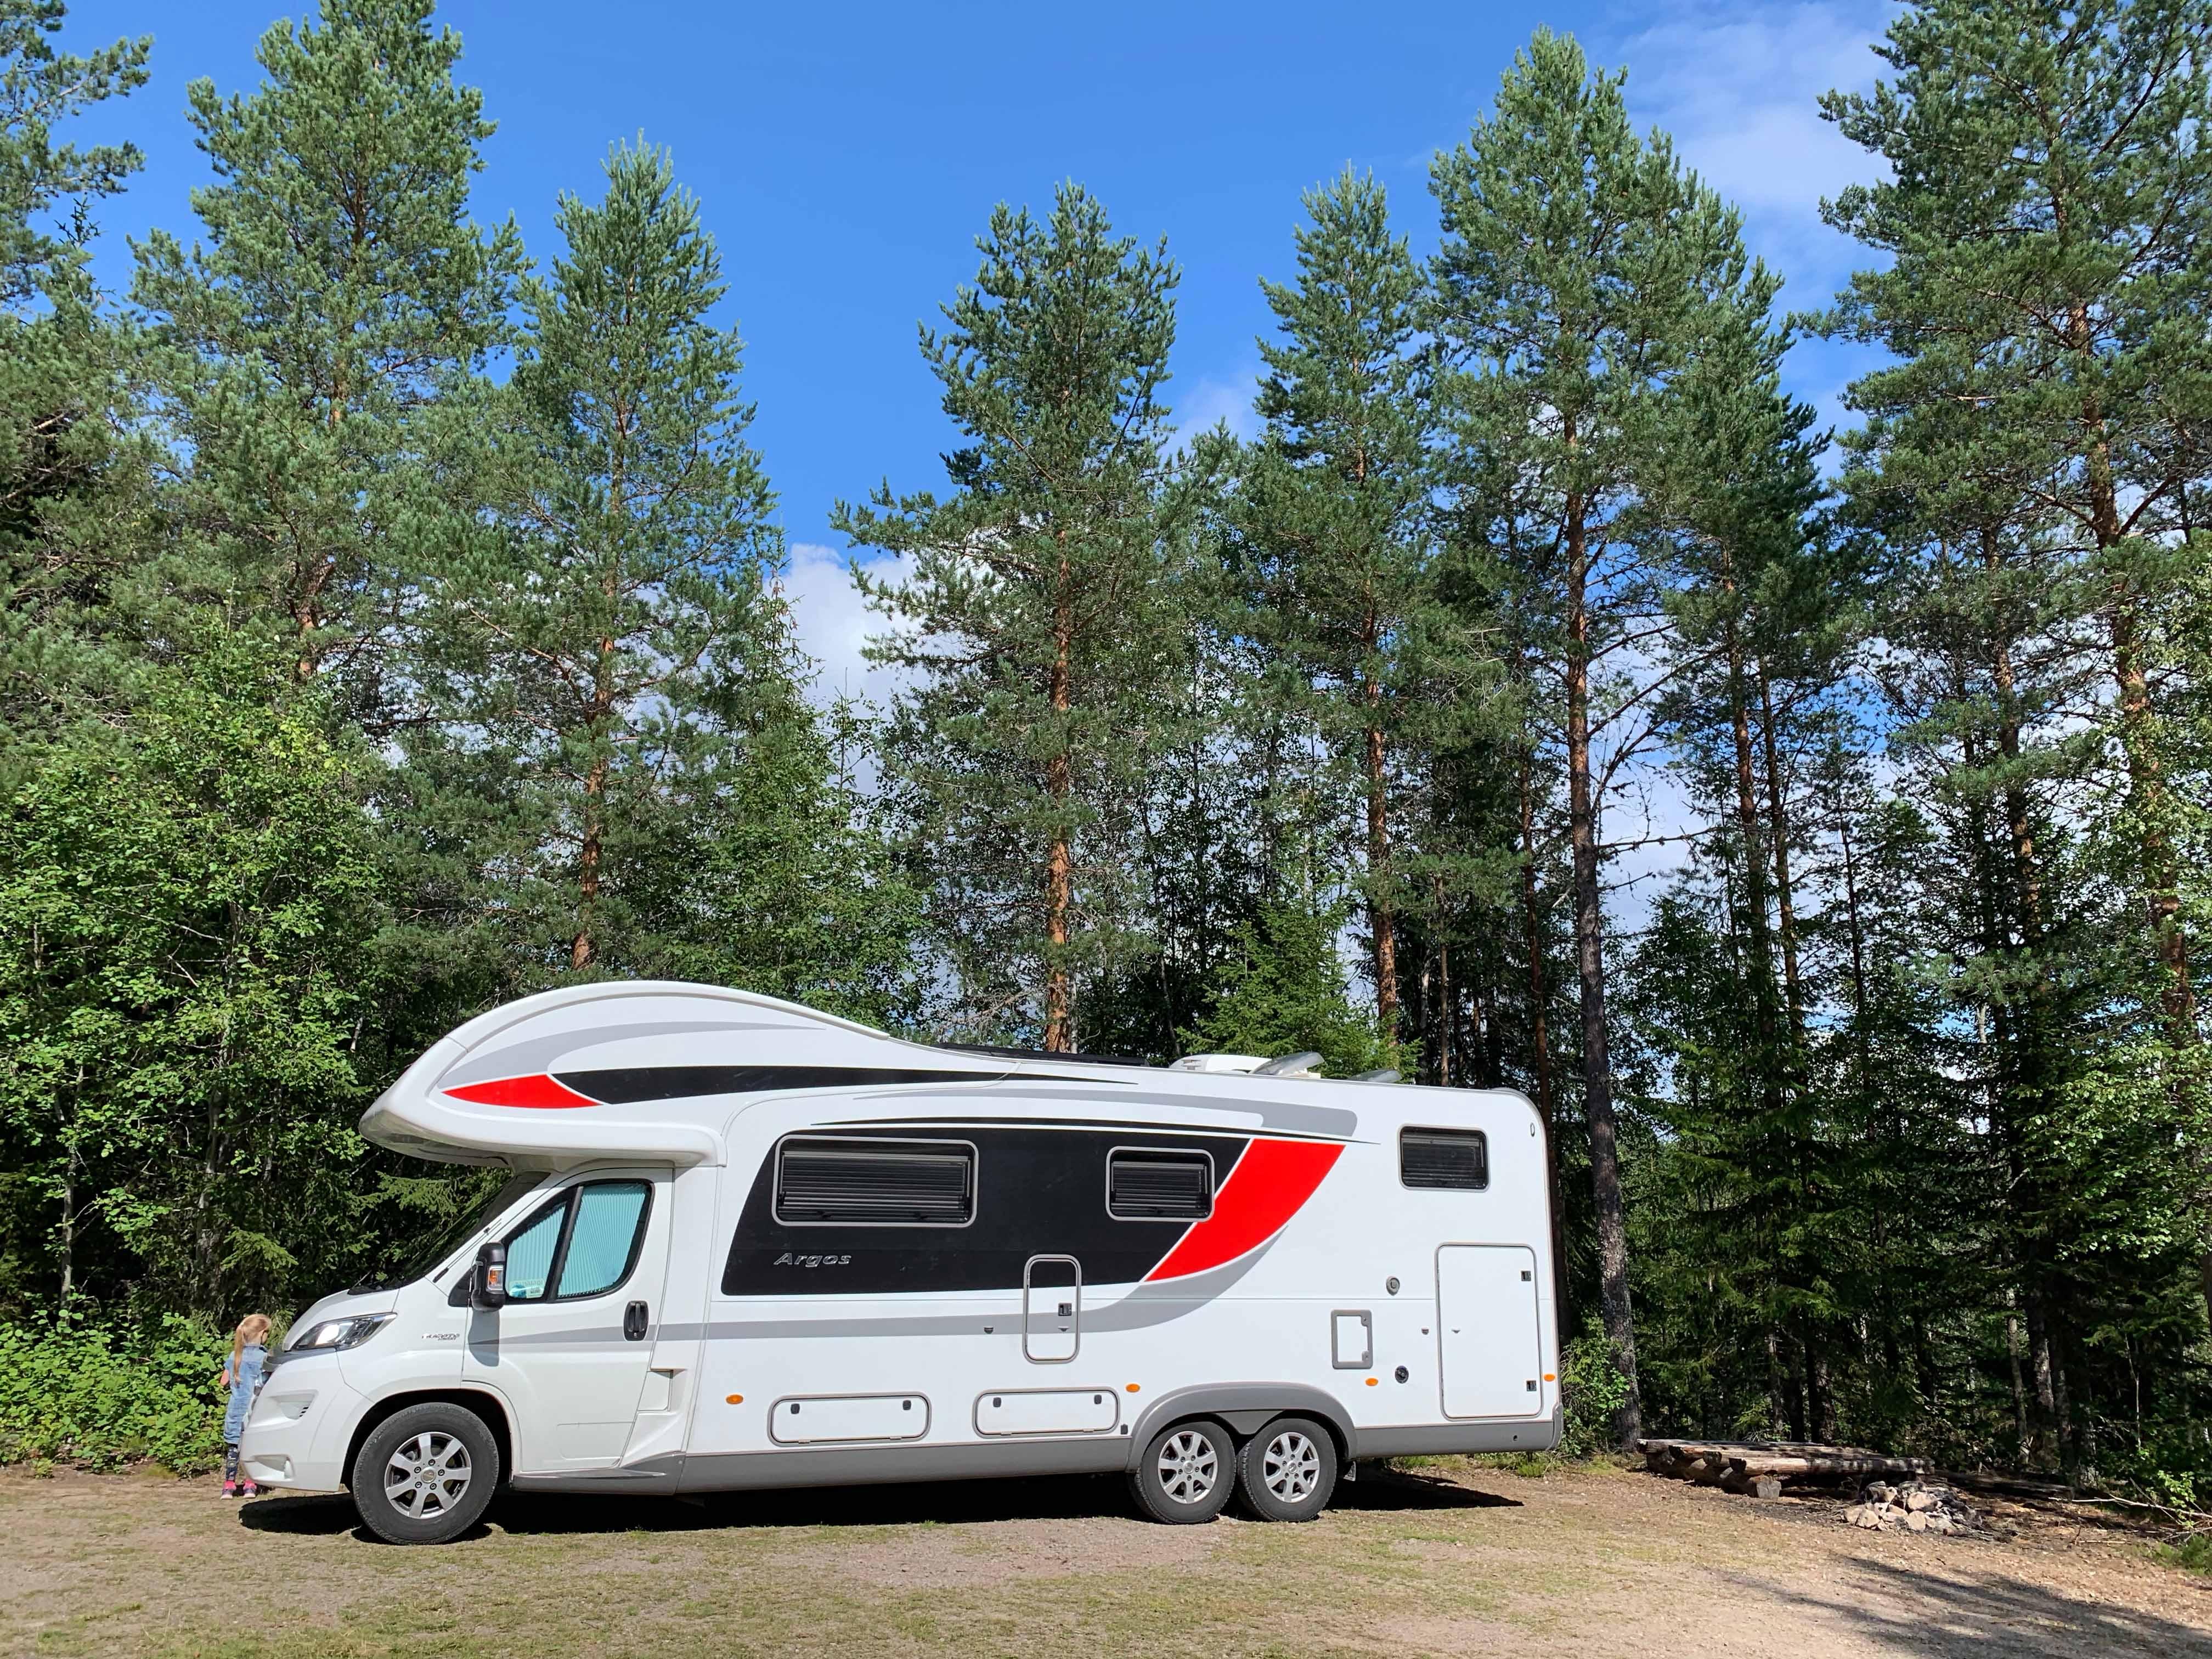 Mörkrets_Camping01